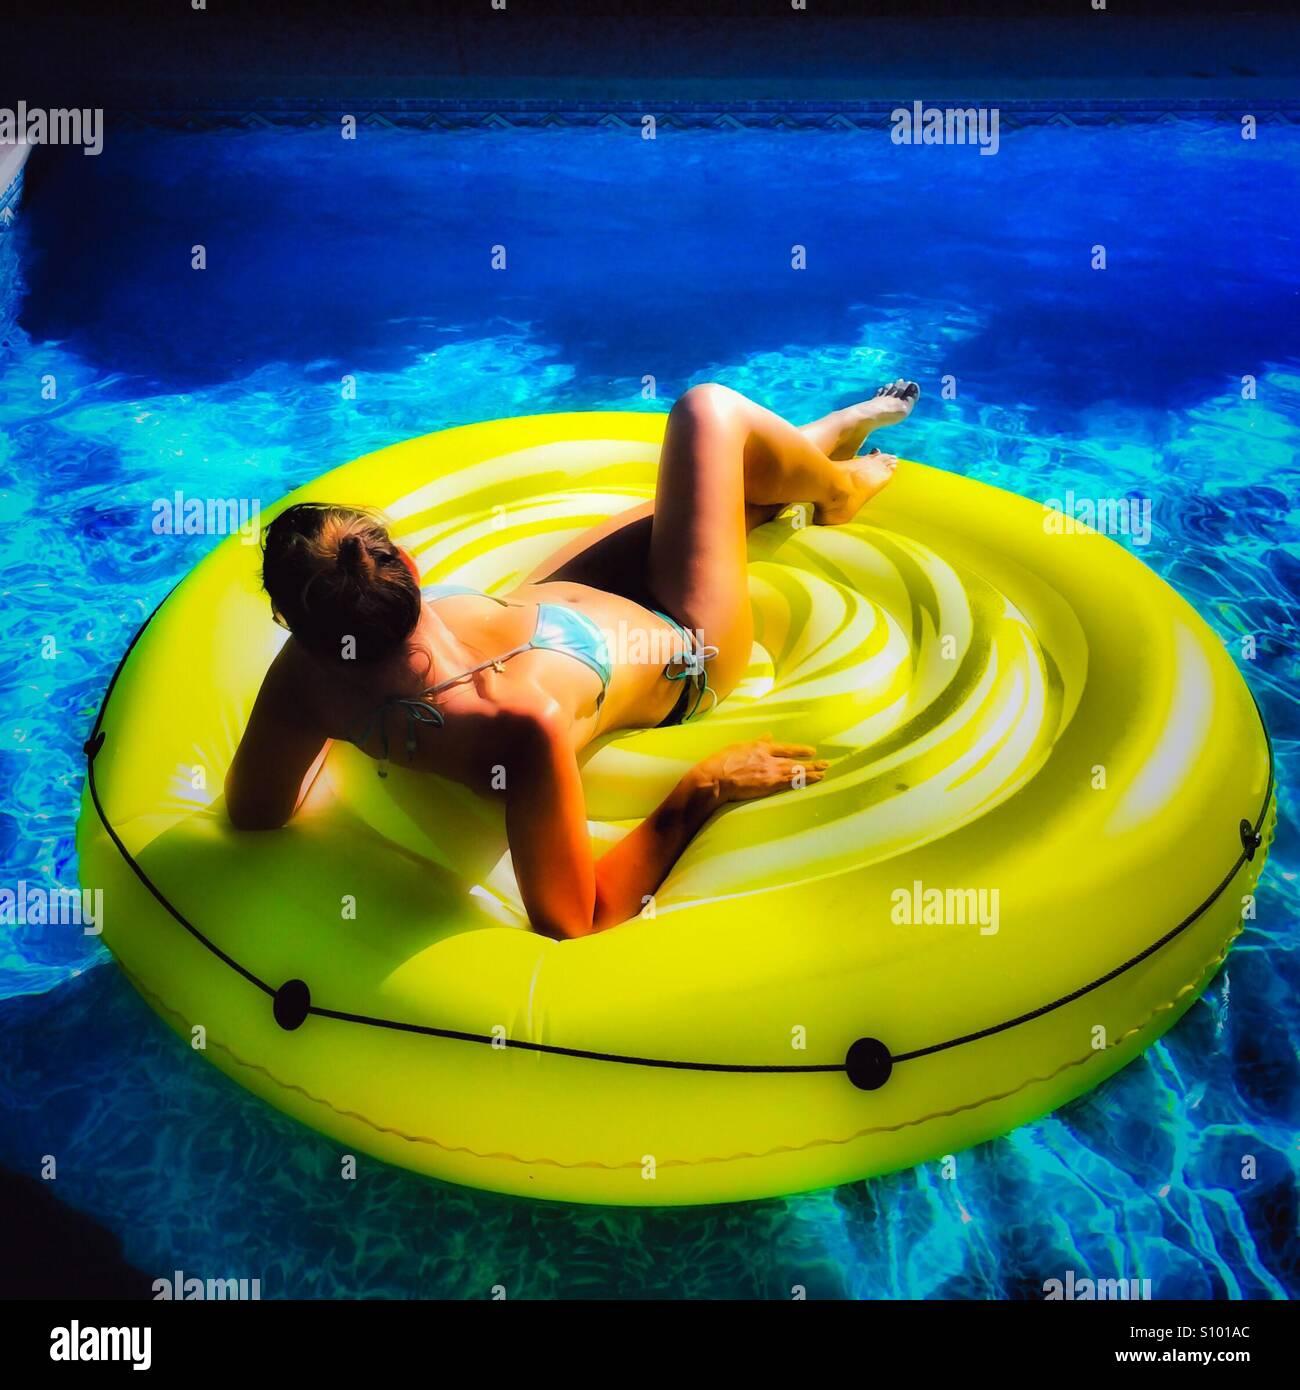 Donna relax su una piscina gonfiabile giocattolo su una soleggiata giornata calda. Square crop. Luce naturale. Immagini Stock